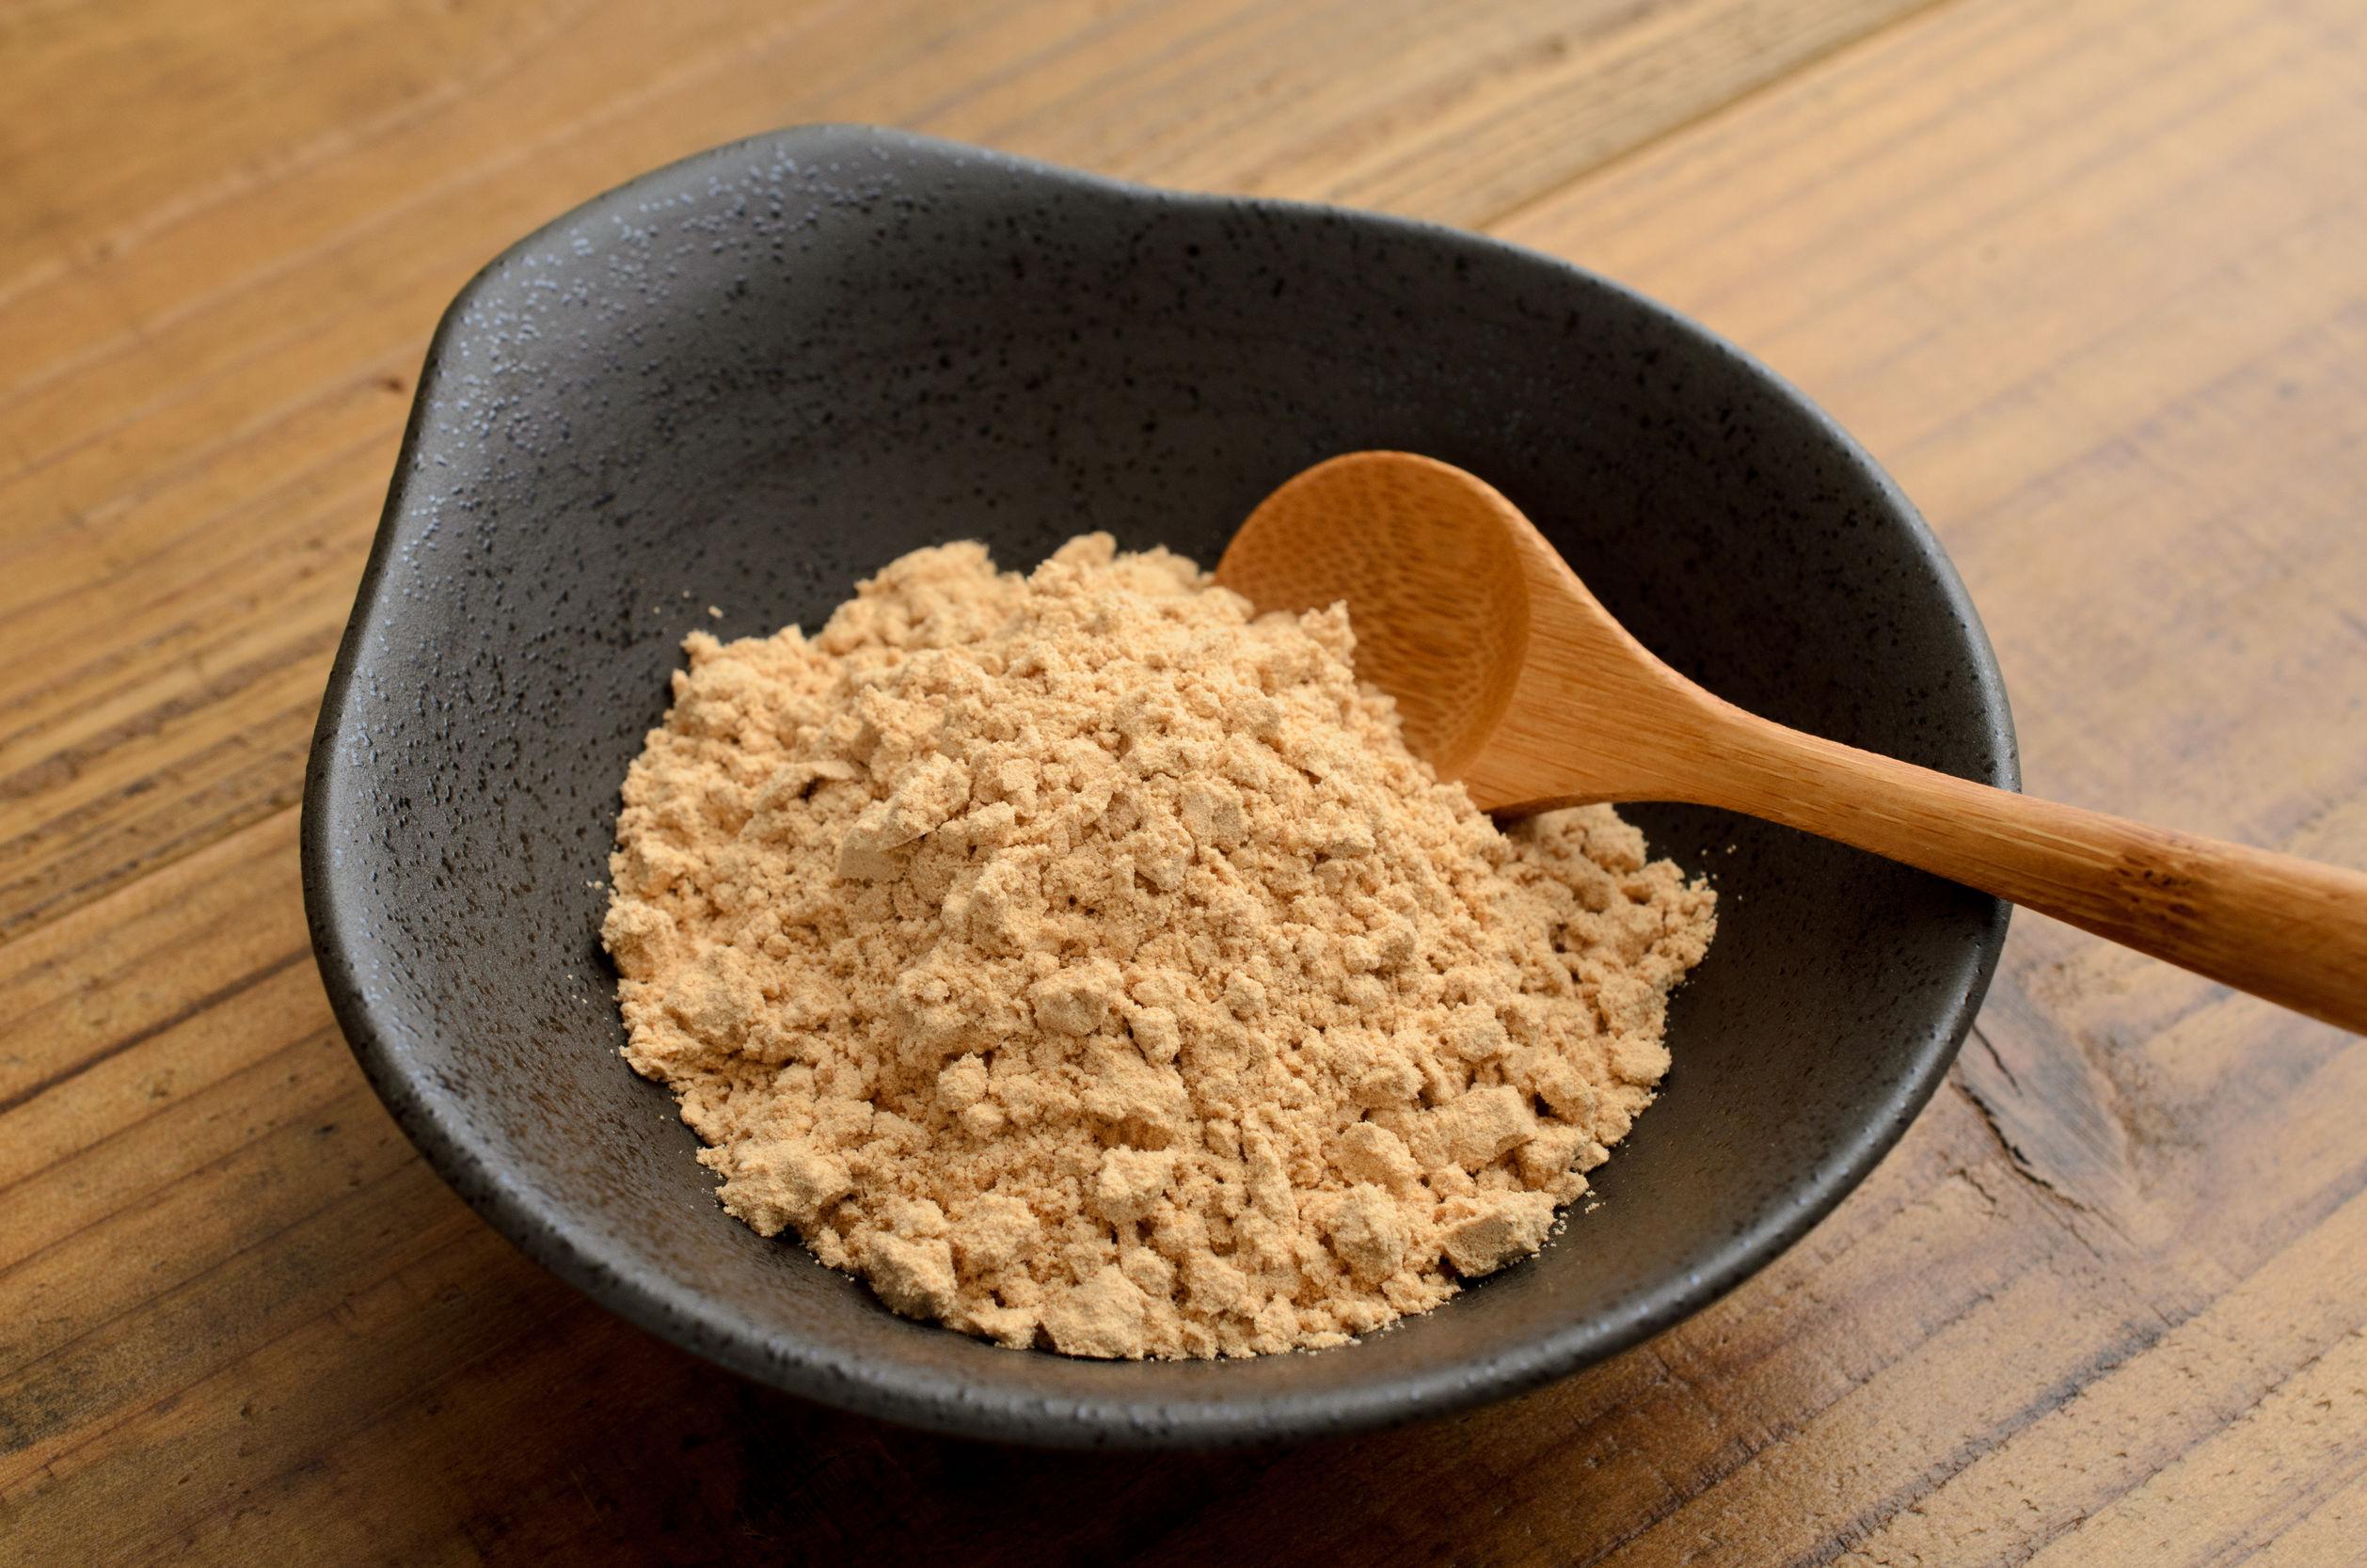 단백질 챙겨주는 콩, 항암 효능까지 높이는 조리법은?